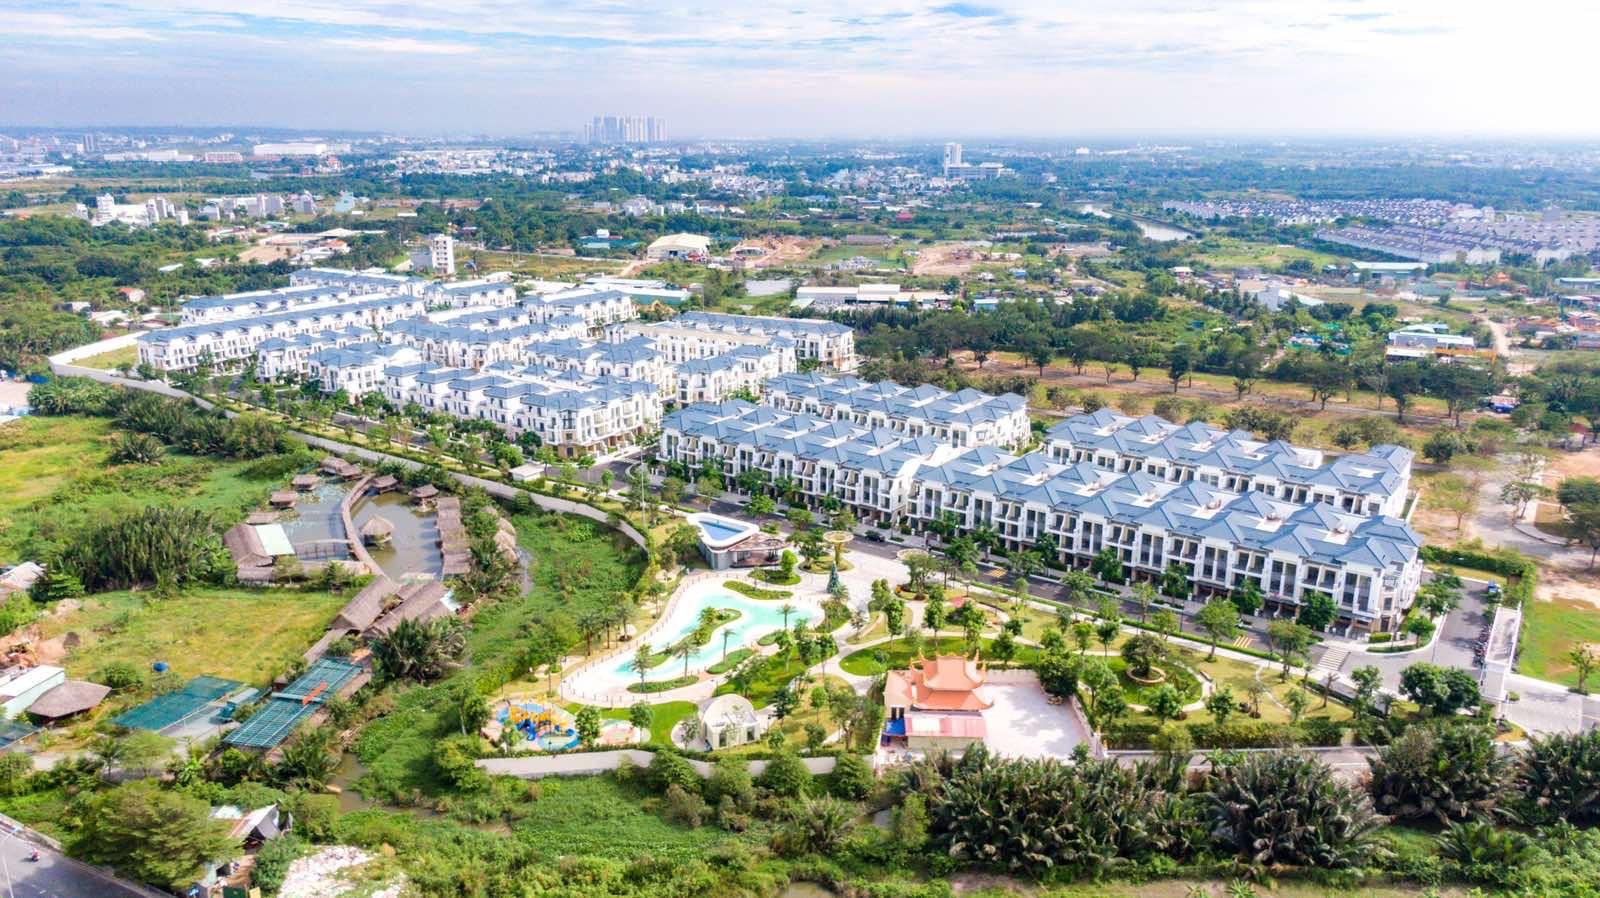 10 dấu ấn bất động sản 2020: Một năm biến động dữ dội, giá nhà đất tăng mạnh giữa tâm dịch Covid-19 - Ảnh 25.